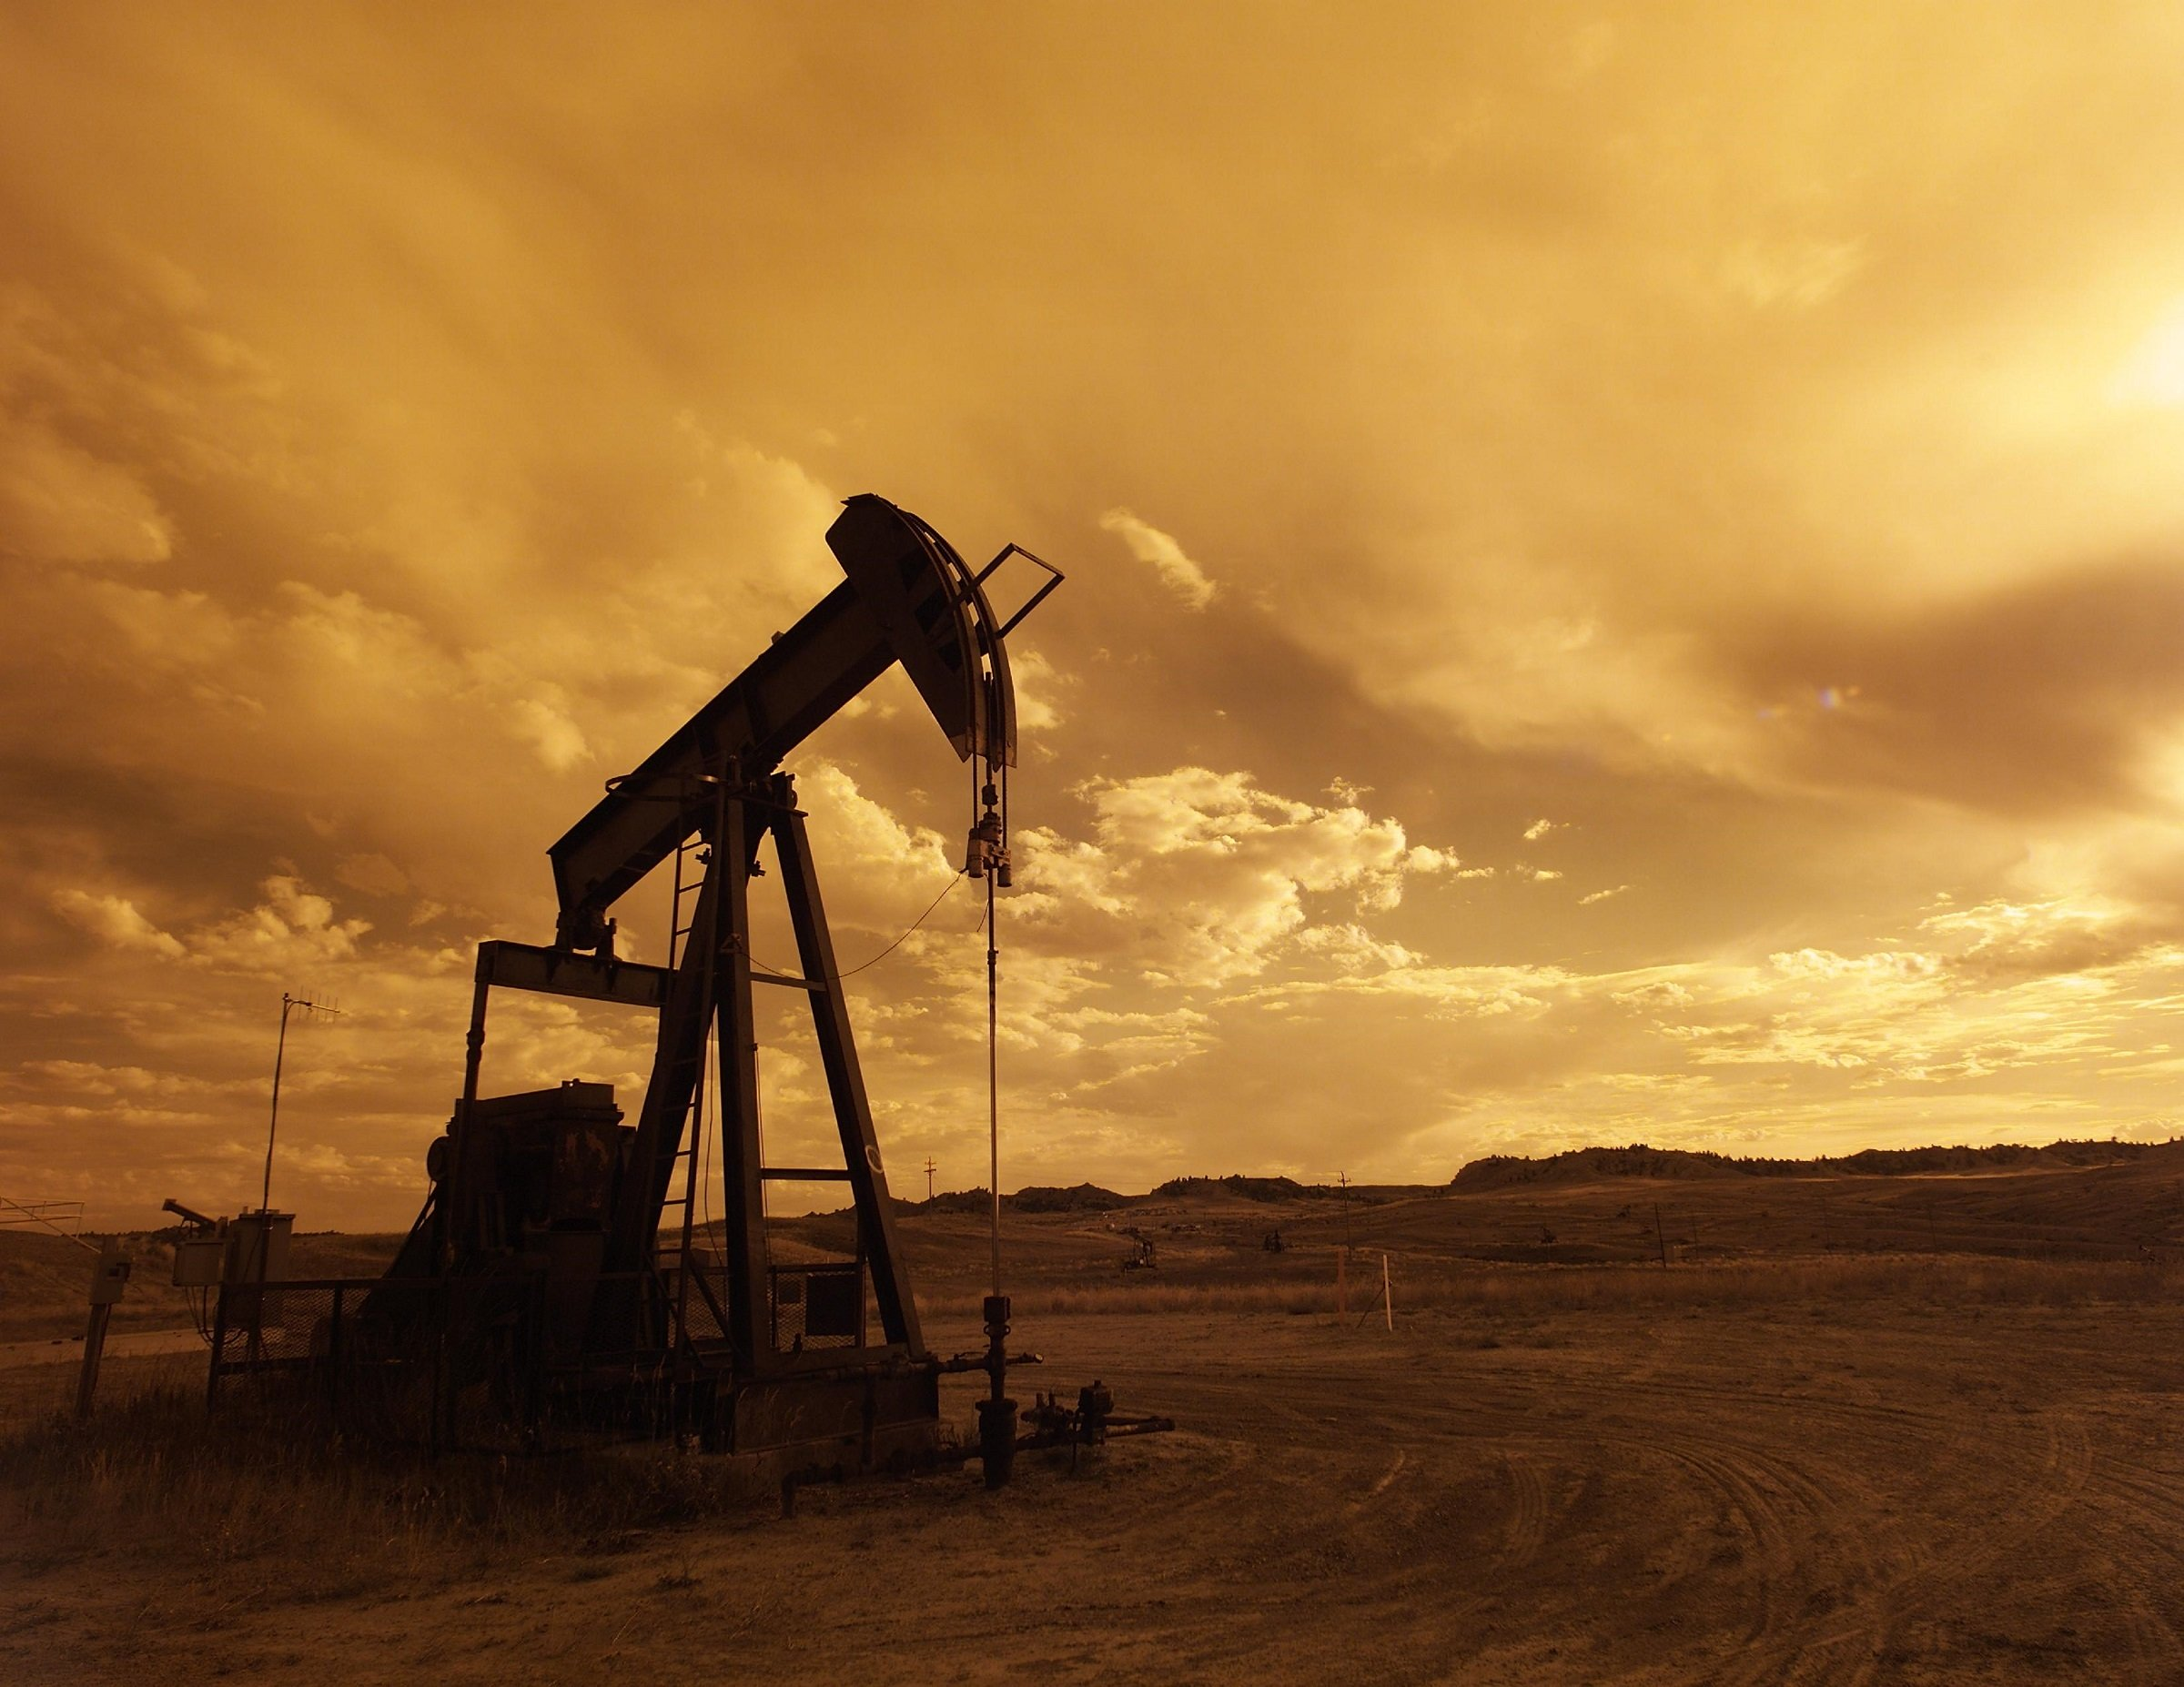 wti oil crash impact